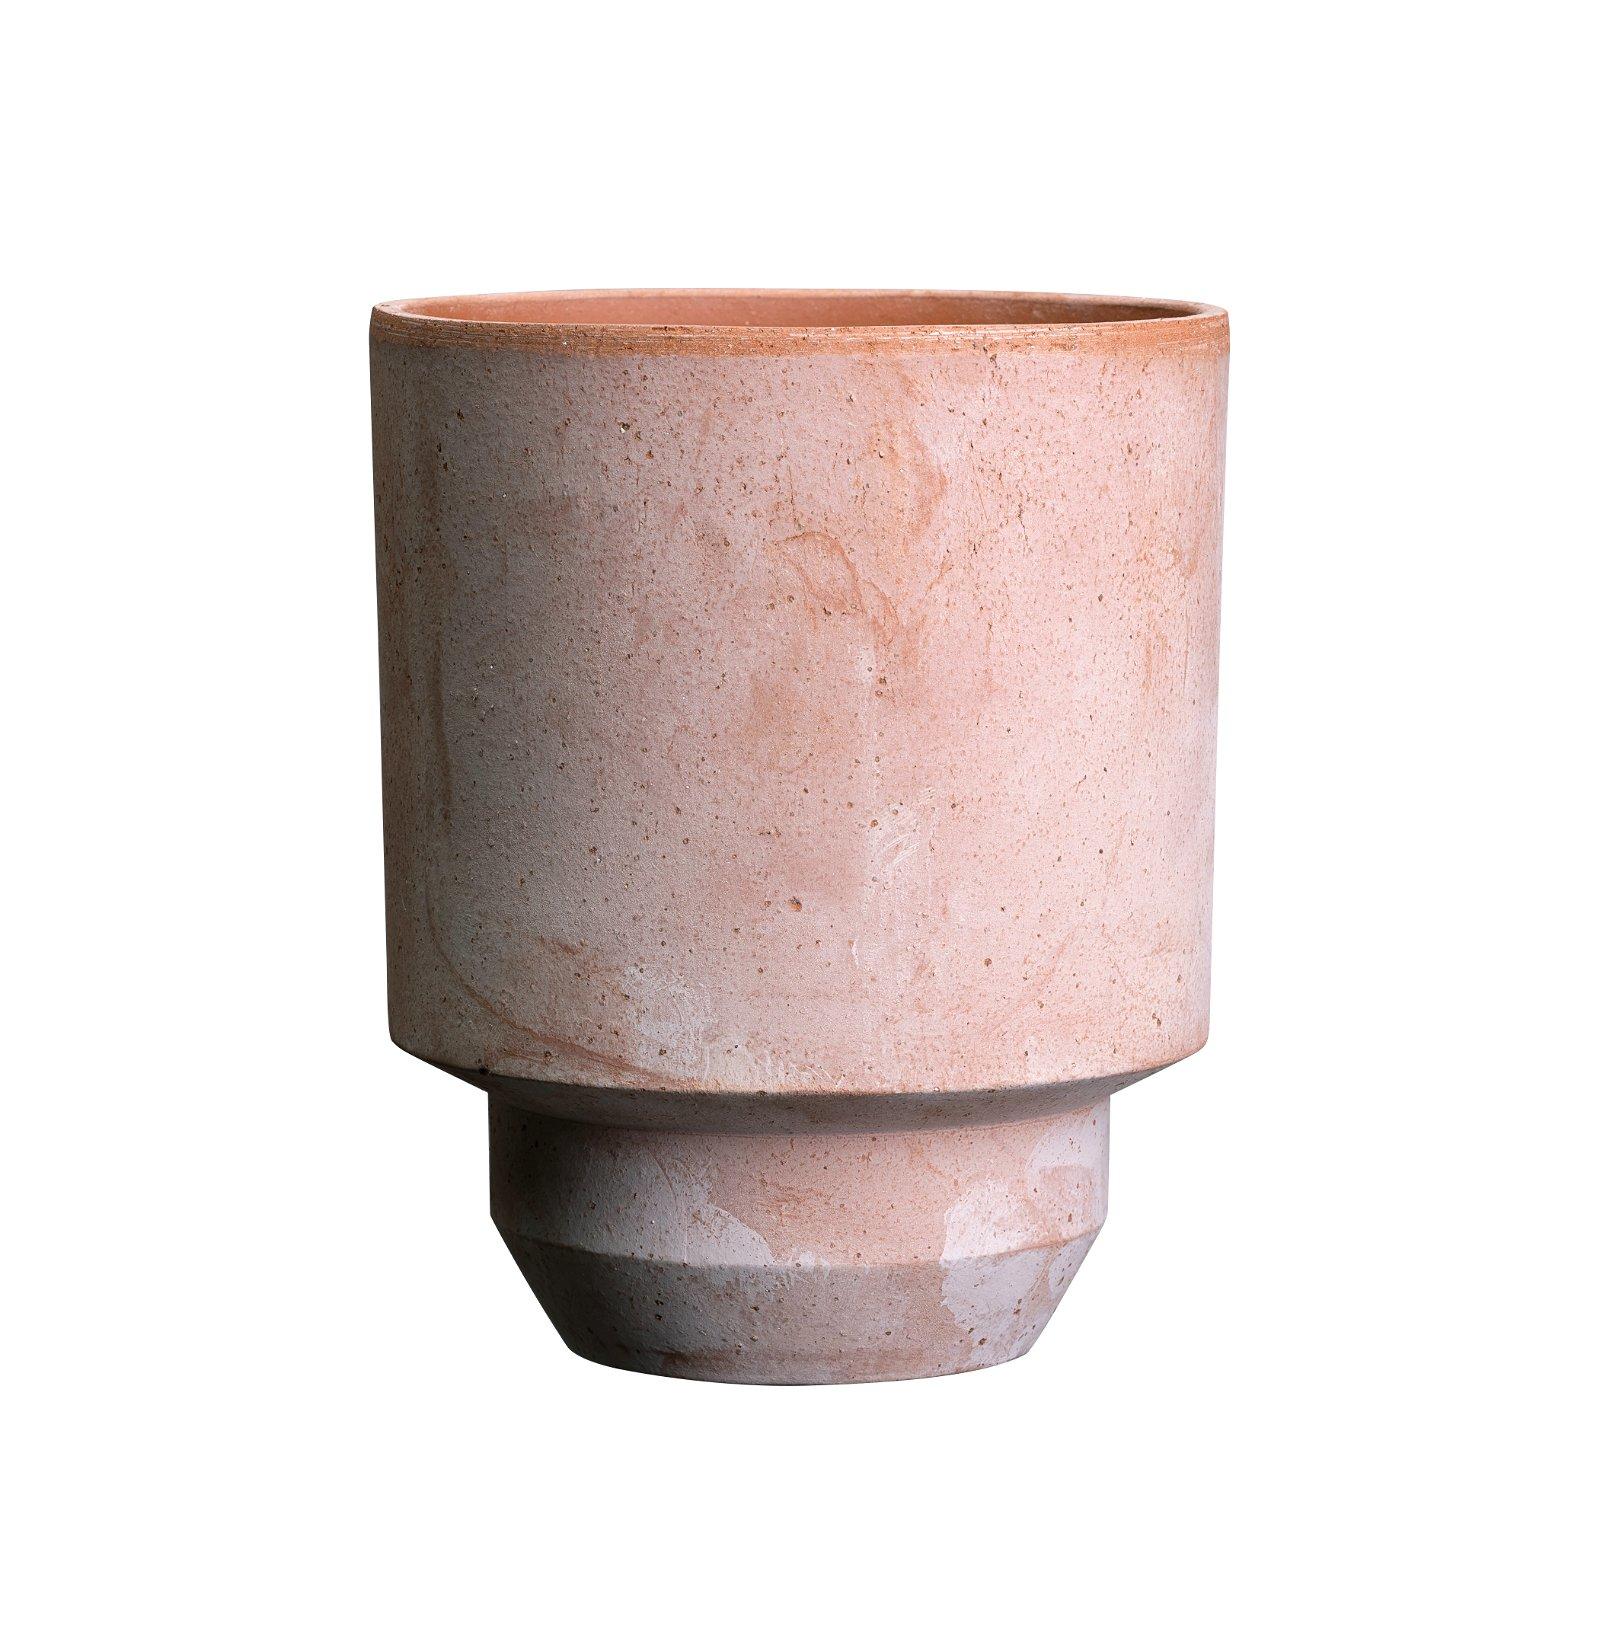 Bergs Potter, The Hoff Pot Rosa, 30 cm, Potte